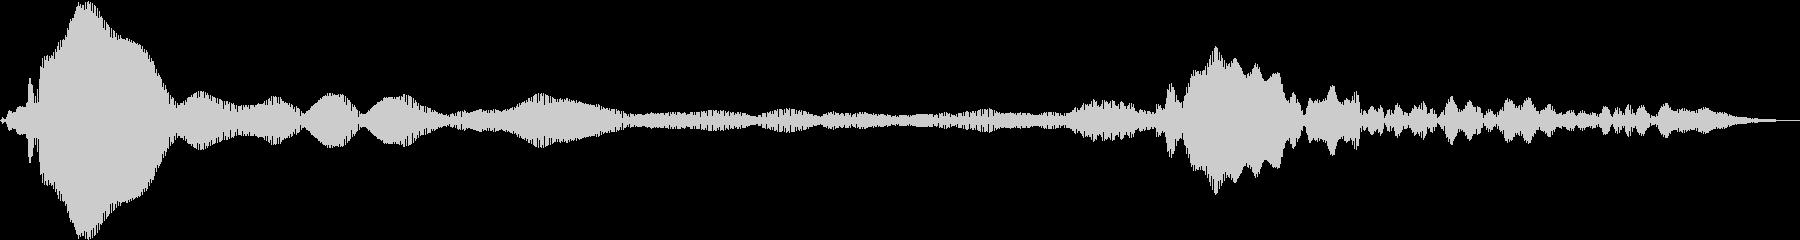 シンセベースドローン:低周波宇宙ド...の未再生の波形